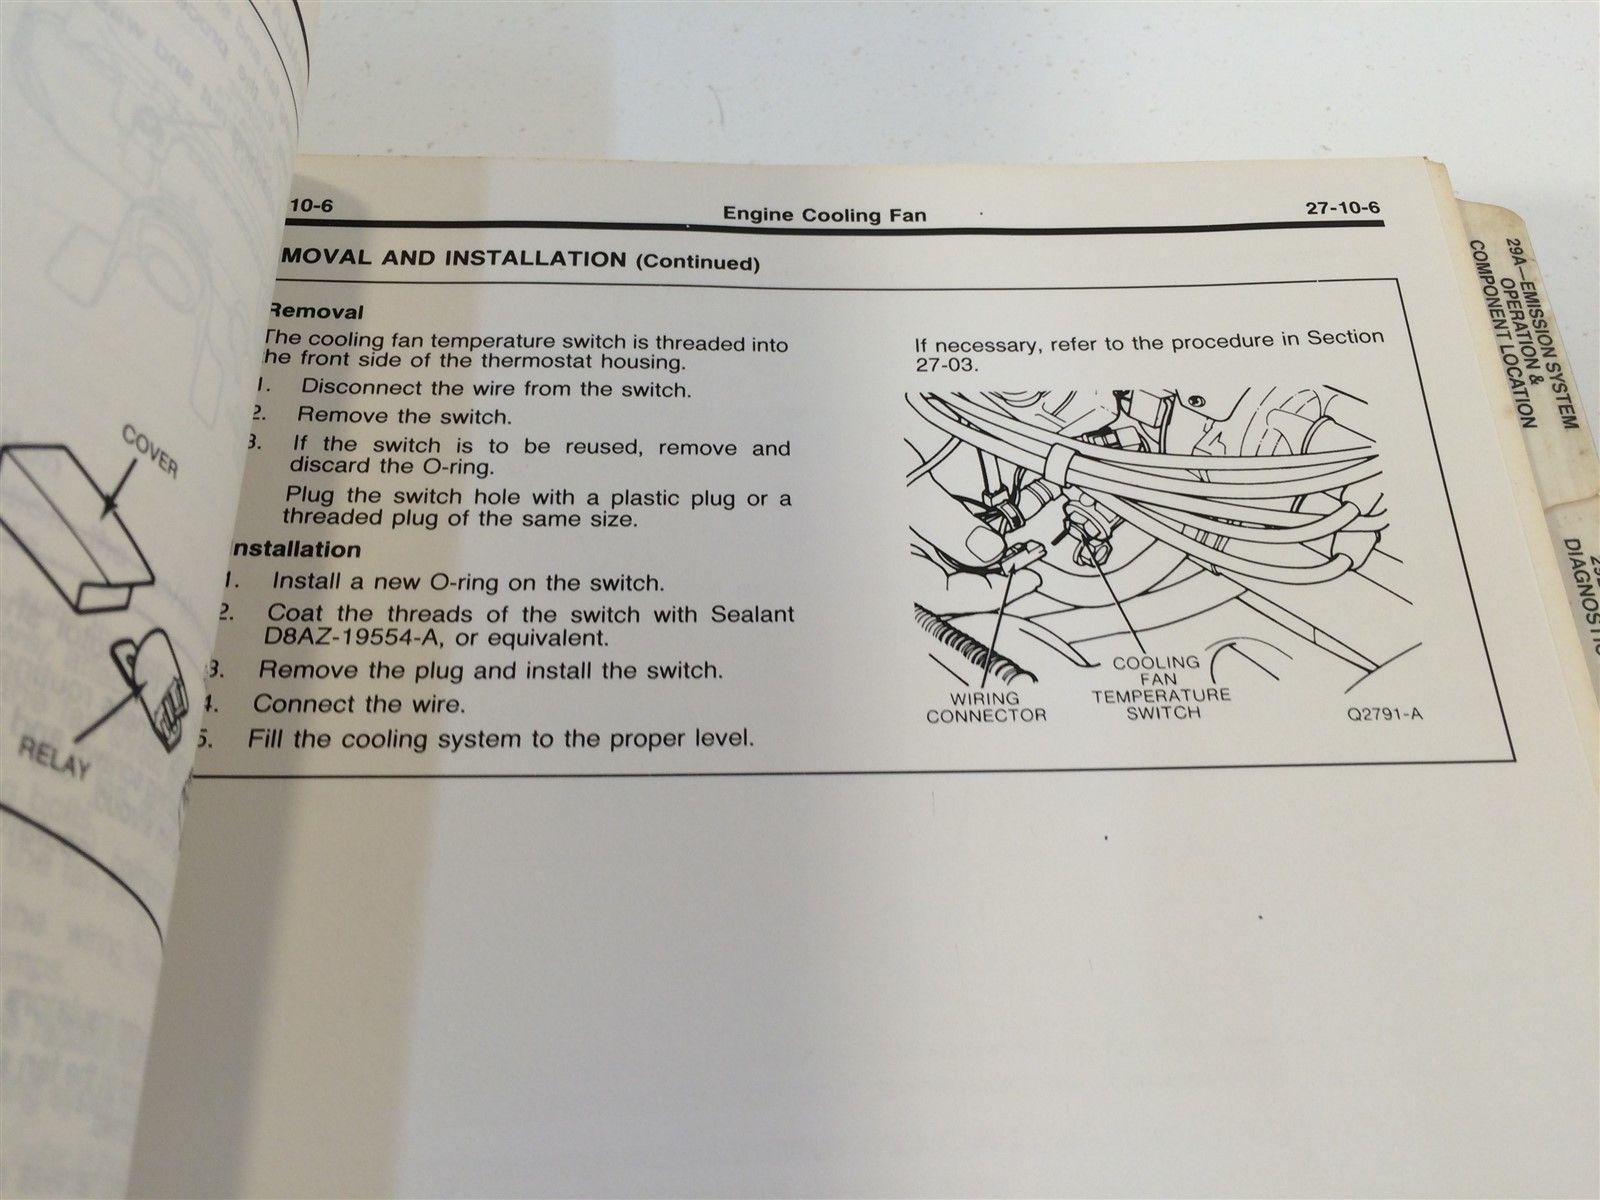 hight resolution of 1988 ford festiva loose leaf shop manual fps 12133 87 oem original